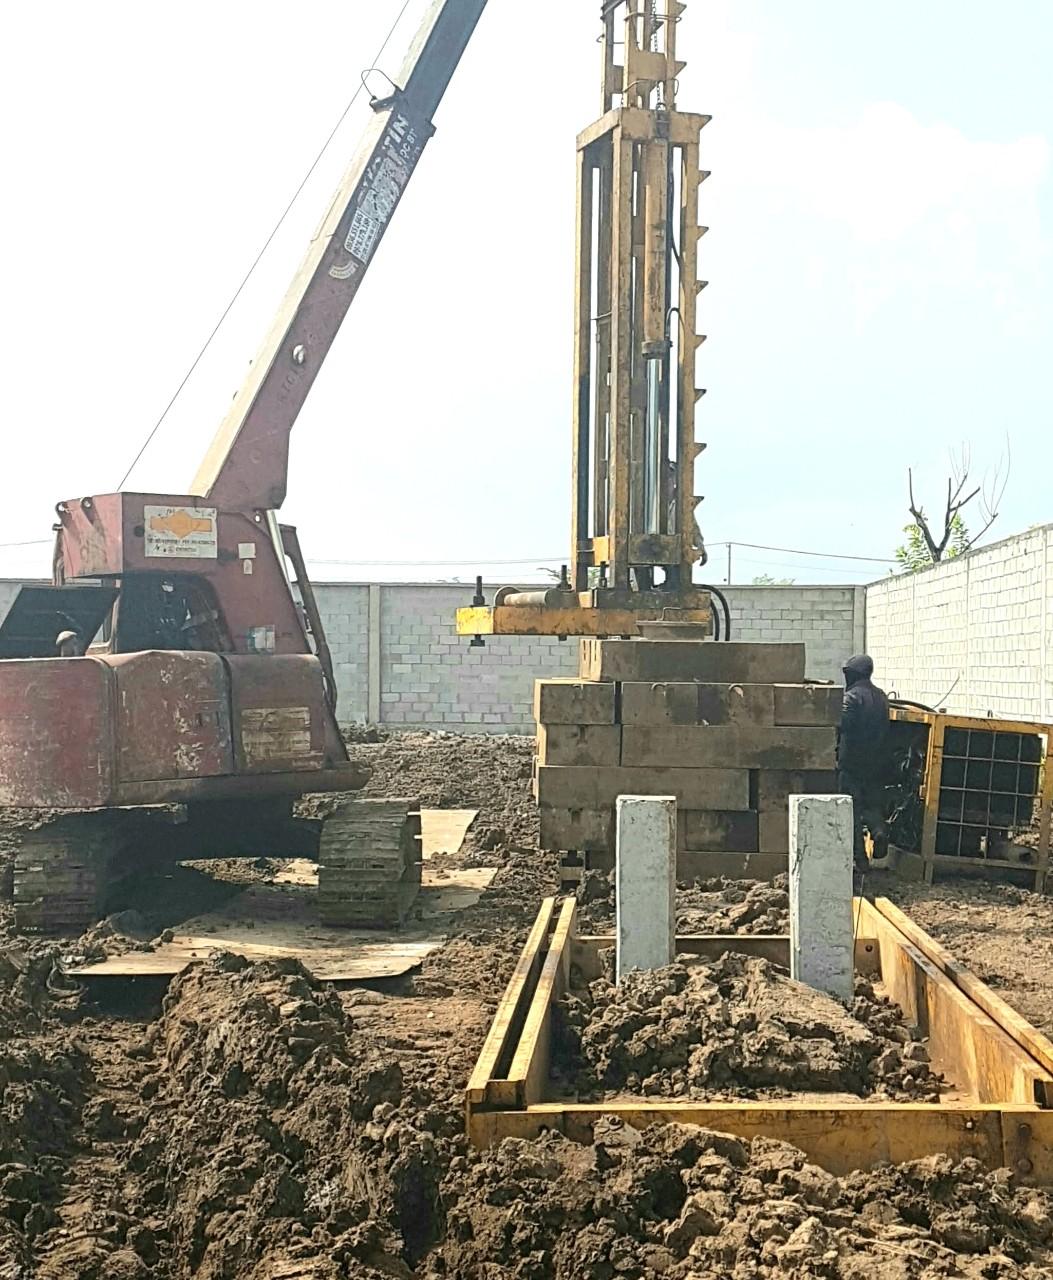 Các bước thực hiện ép cọc bê tông đúng tiêu chuẩn kỹ thuật